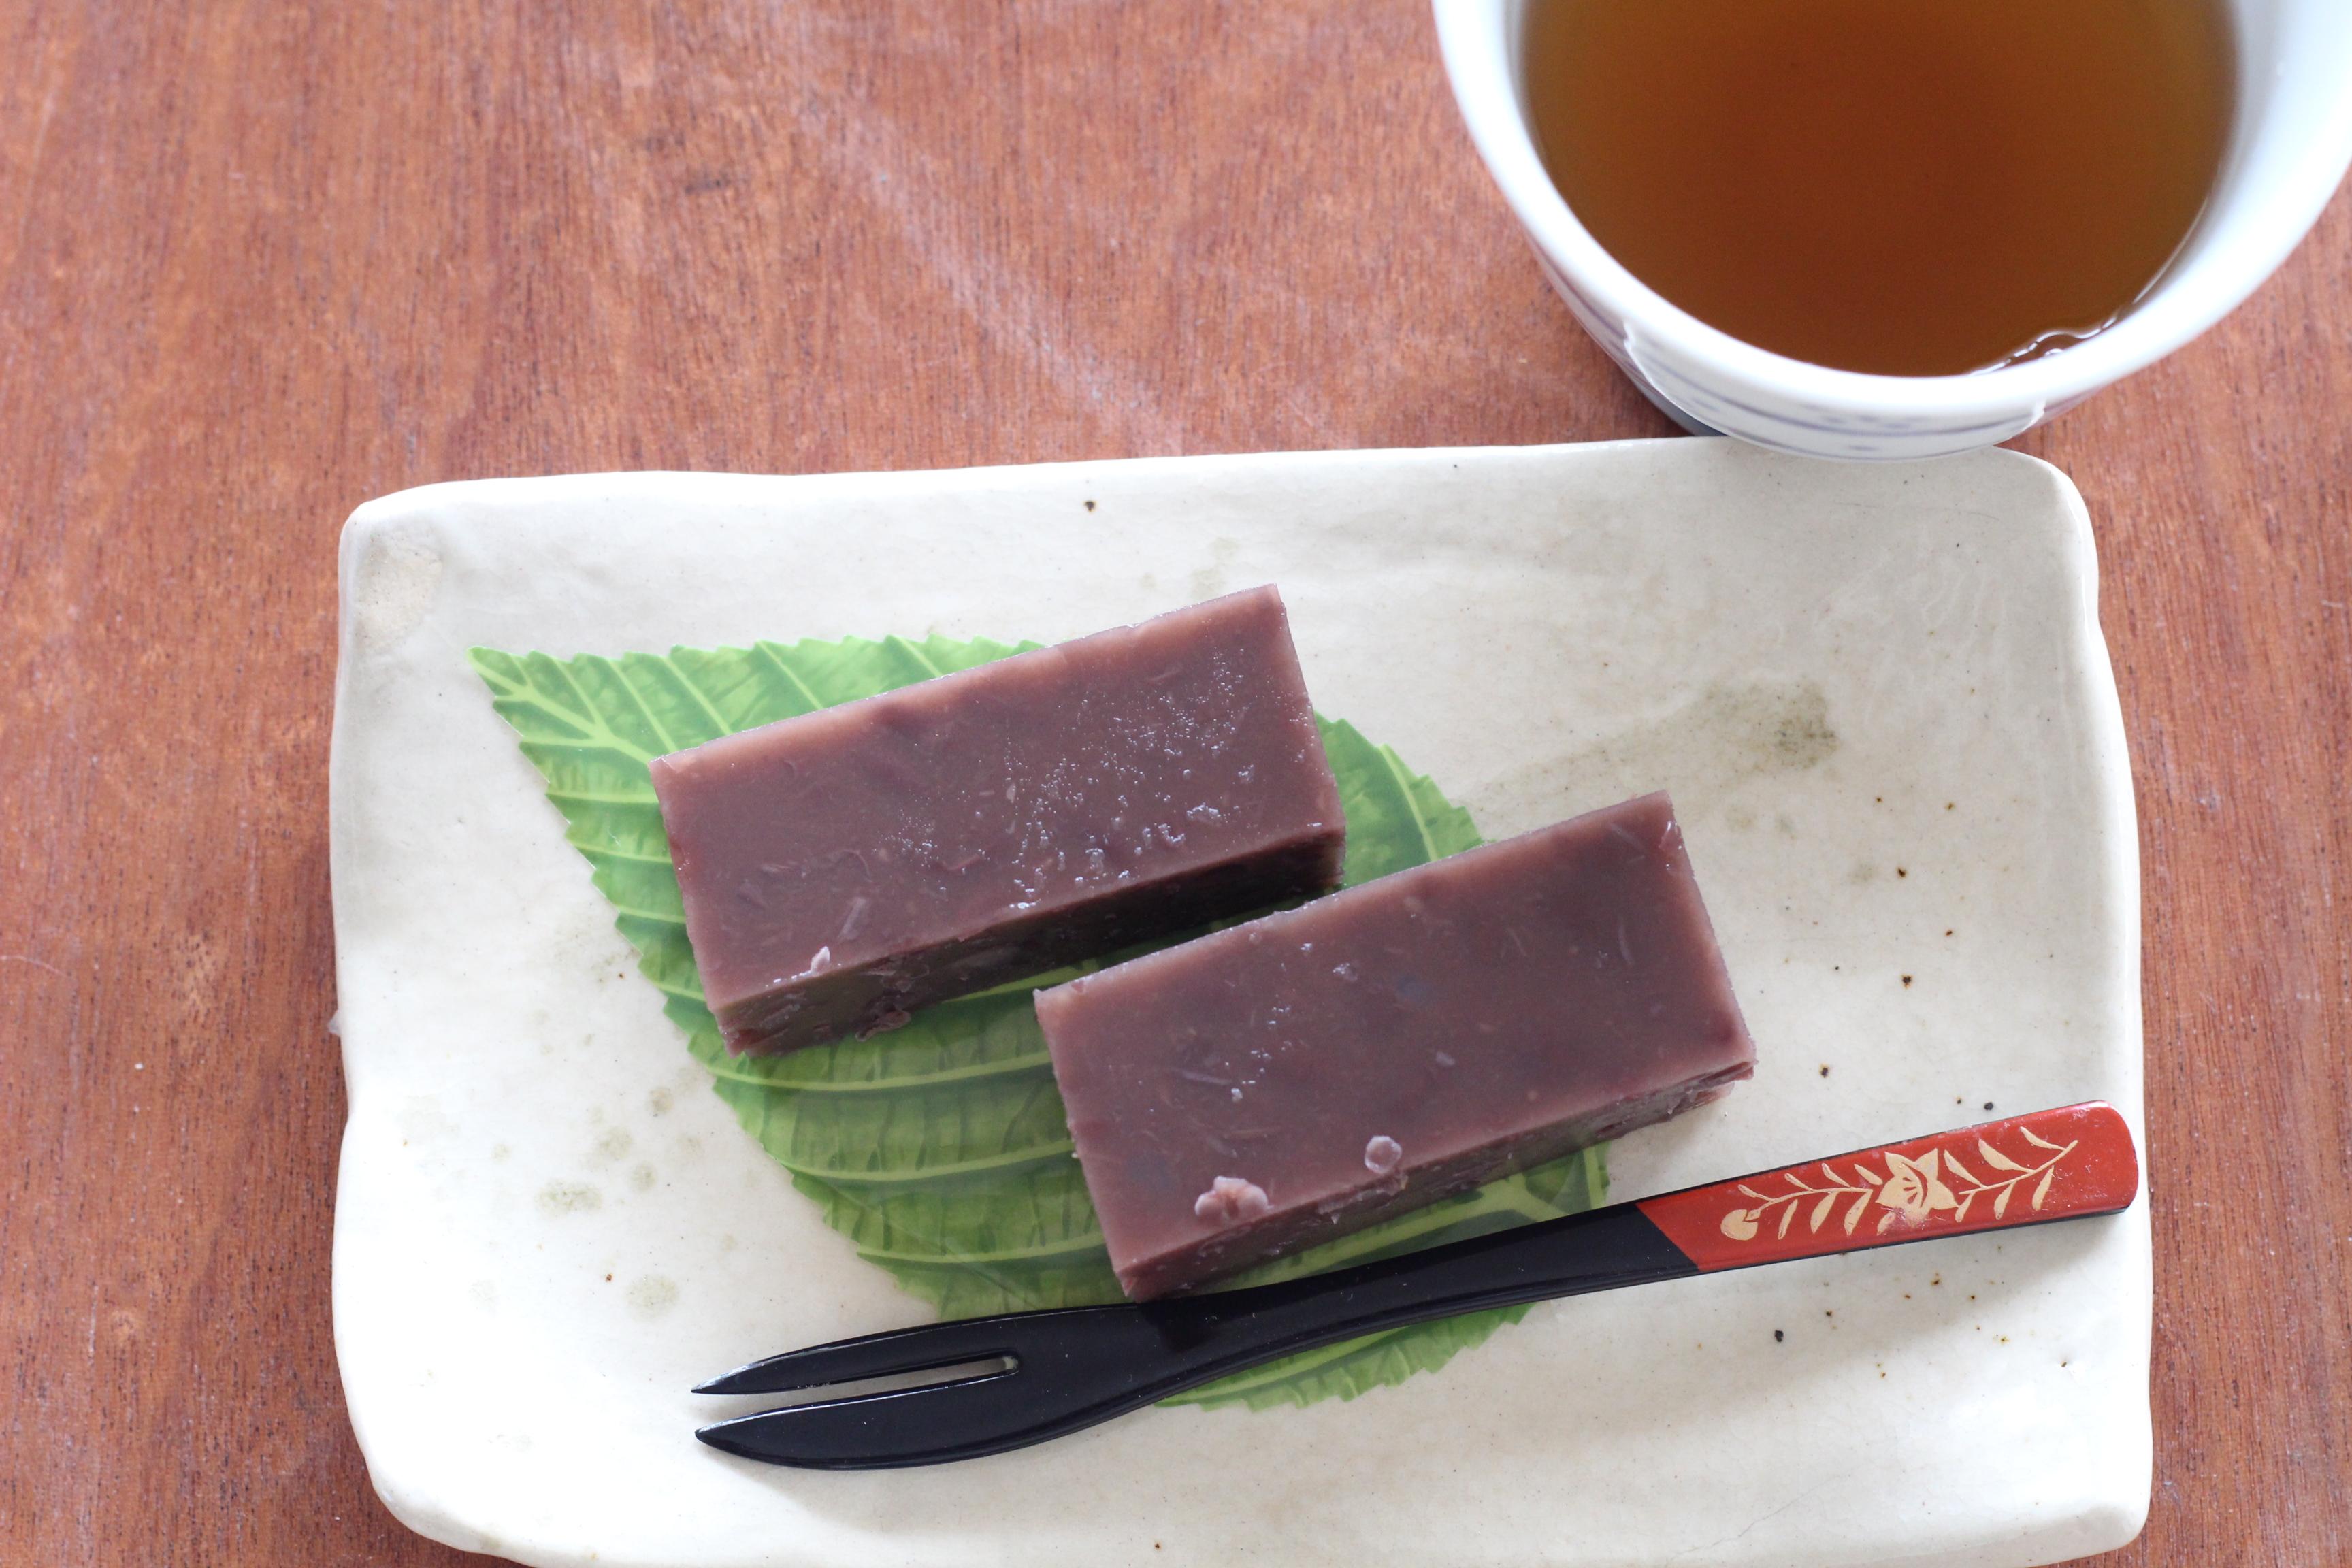 阿倍野区西田辺a-ta-sante糖質制限パン・料理教室。低糖質水羊羹。